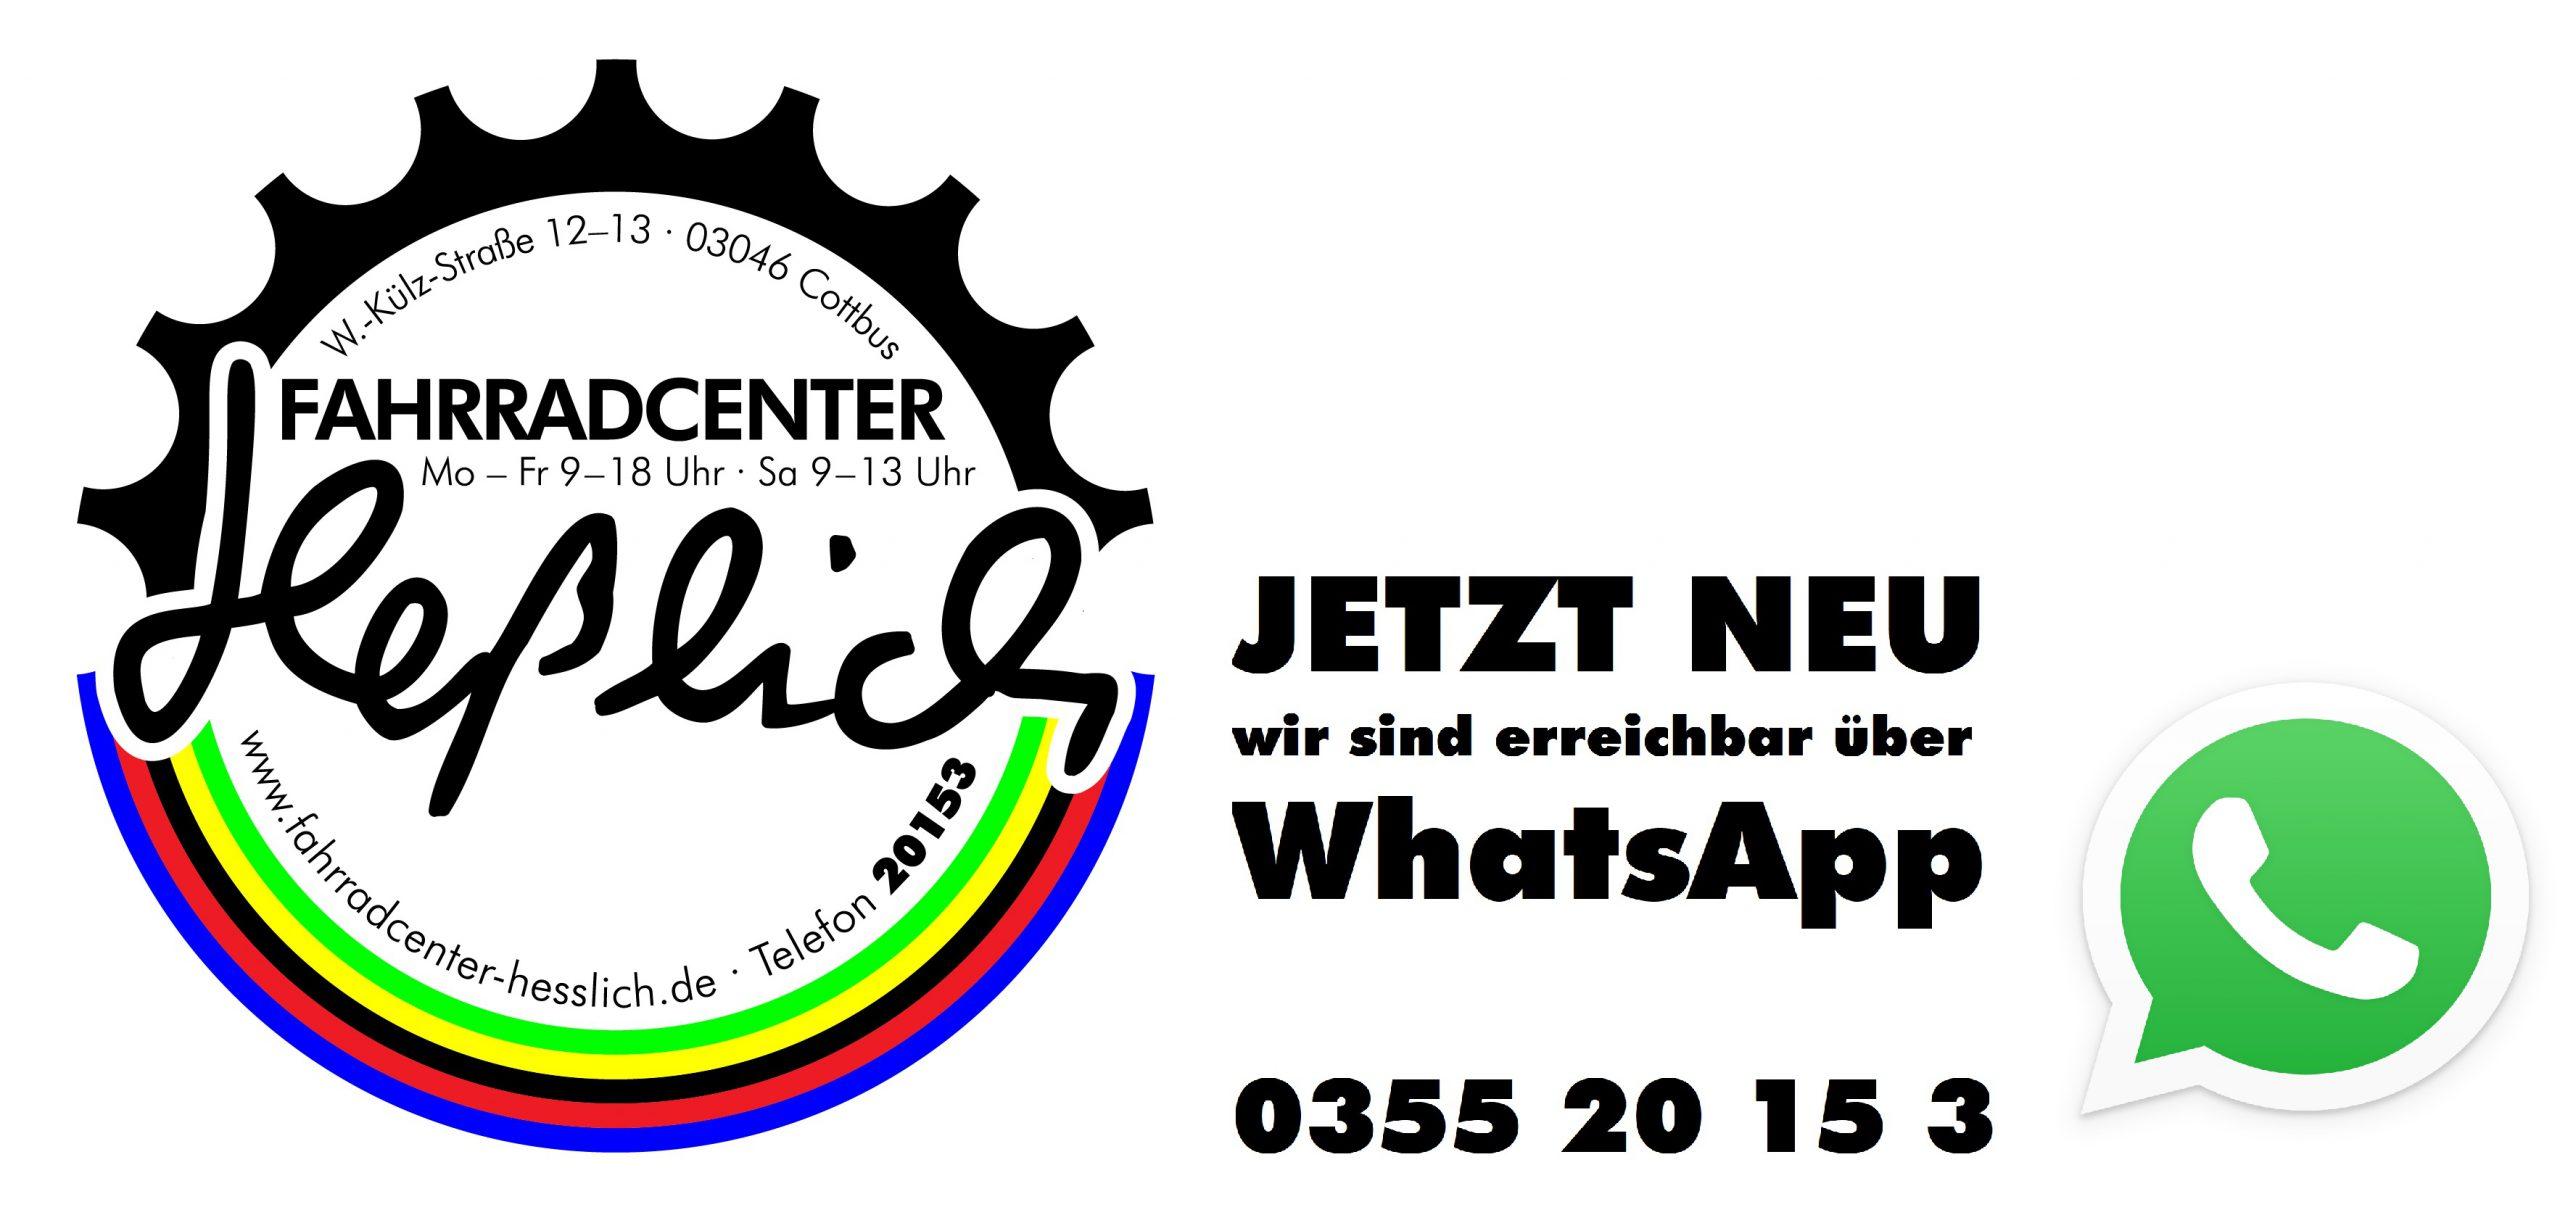 Fahrradcenter Heßlich GmbH